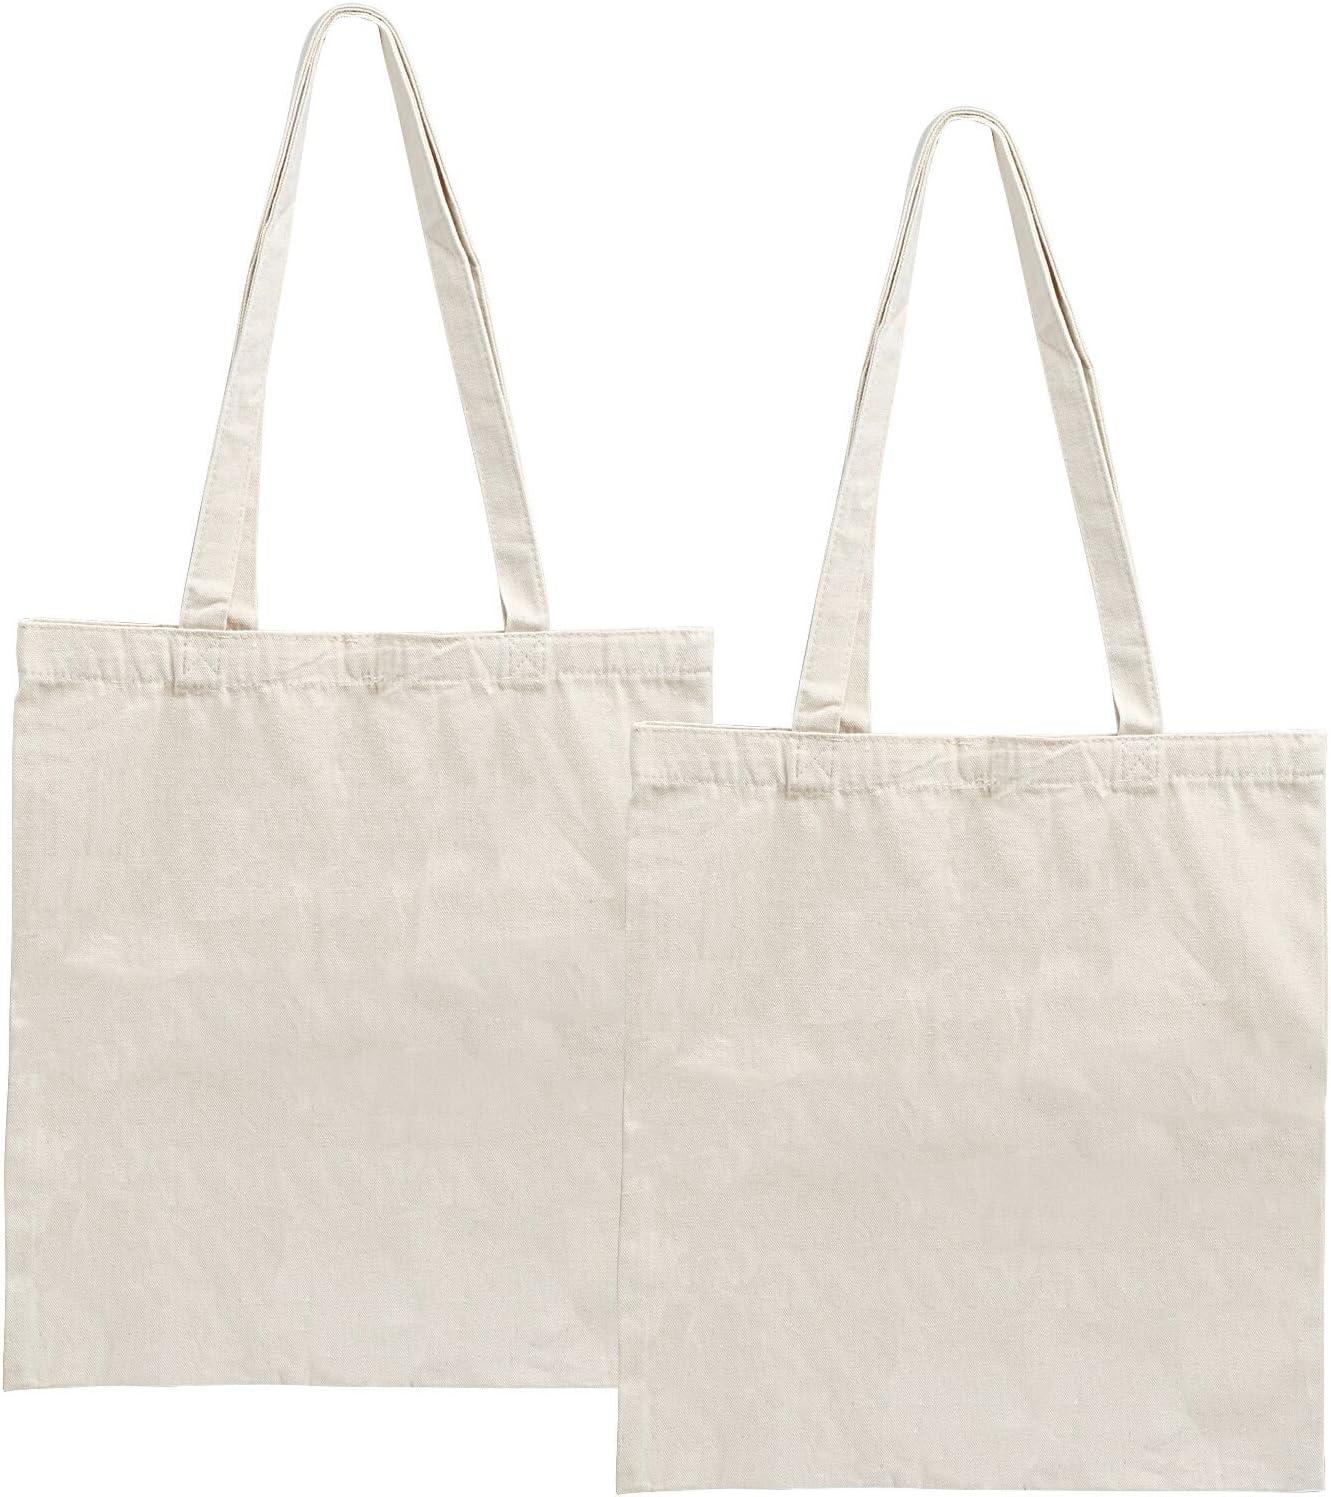 LEMESO 2 Bolsas de Lona para Compra Bolsas de Compra Reutilizables DIY Decoración: Amazon.es: Hogar